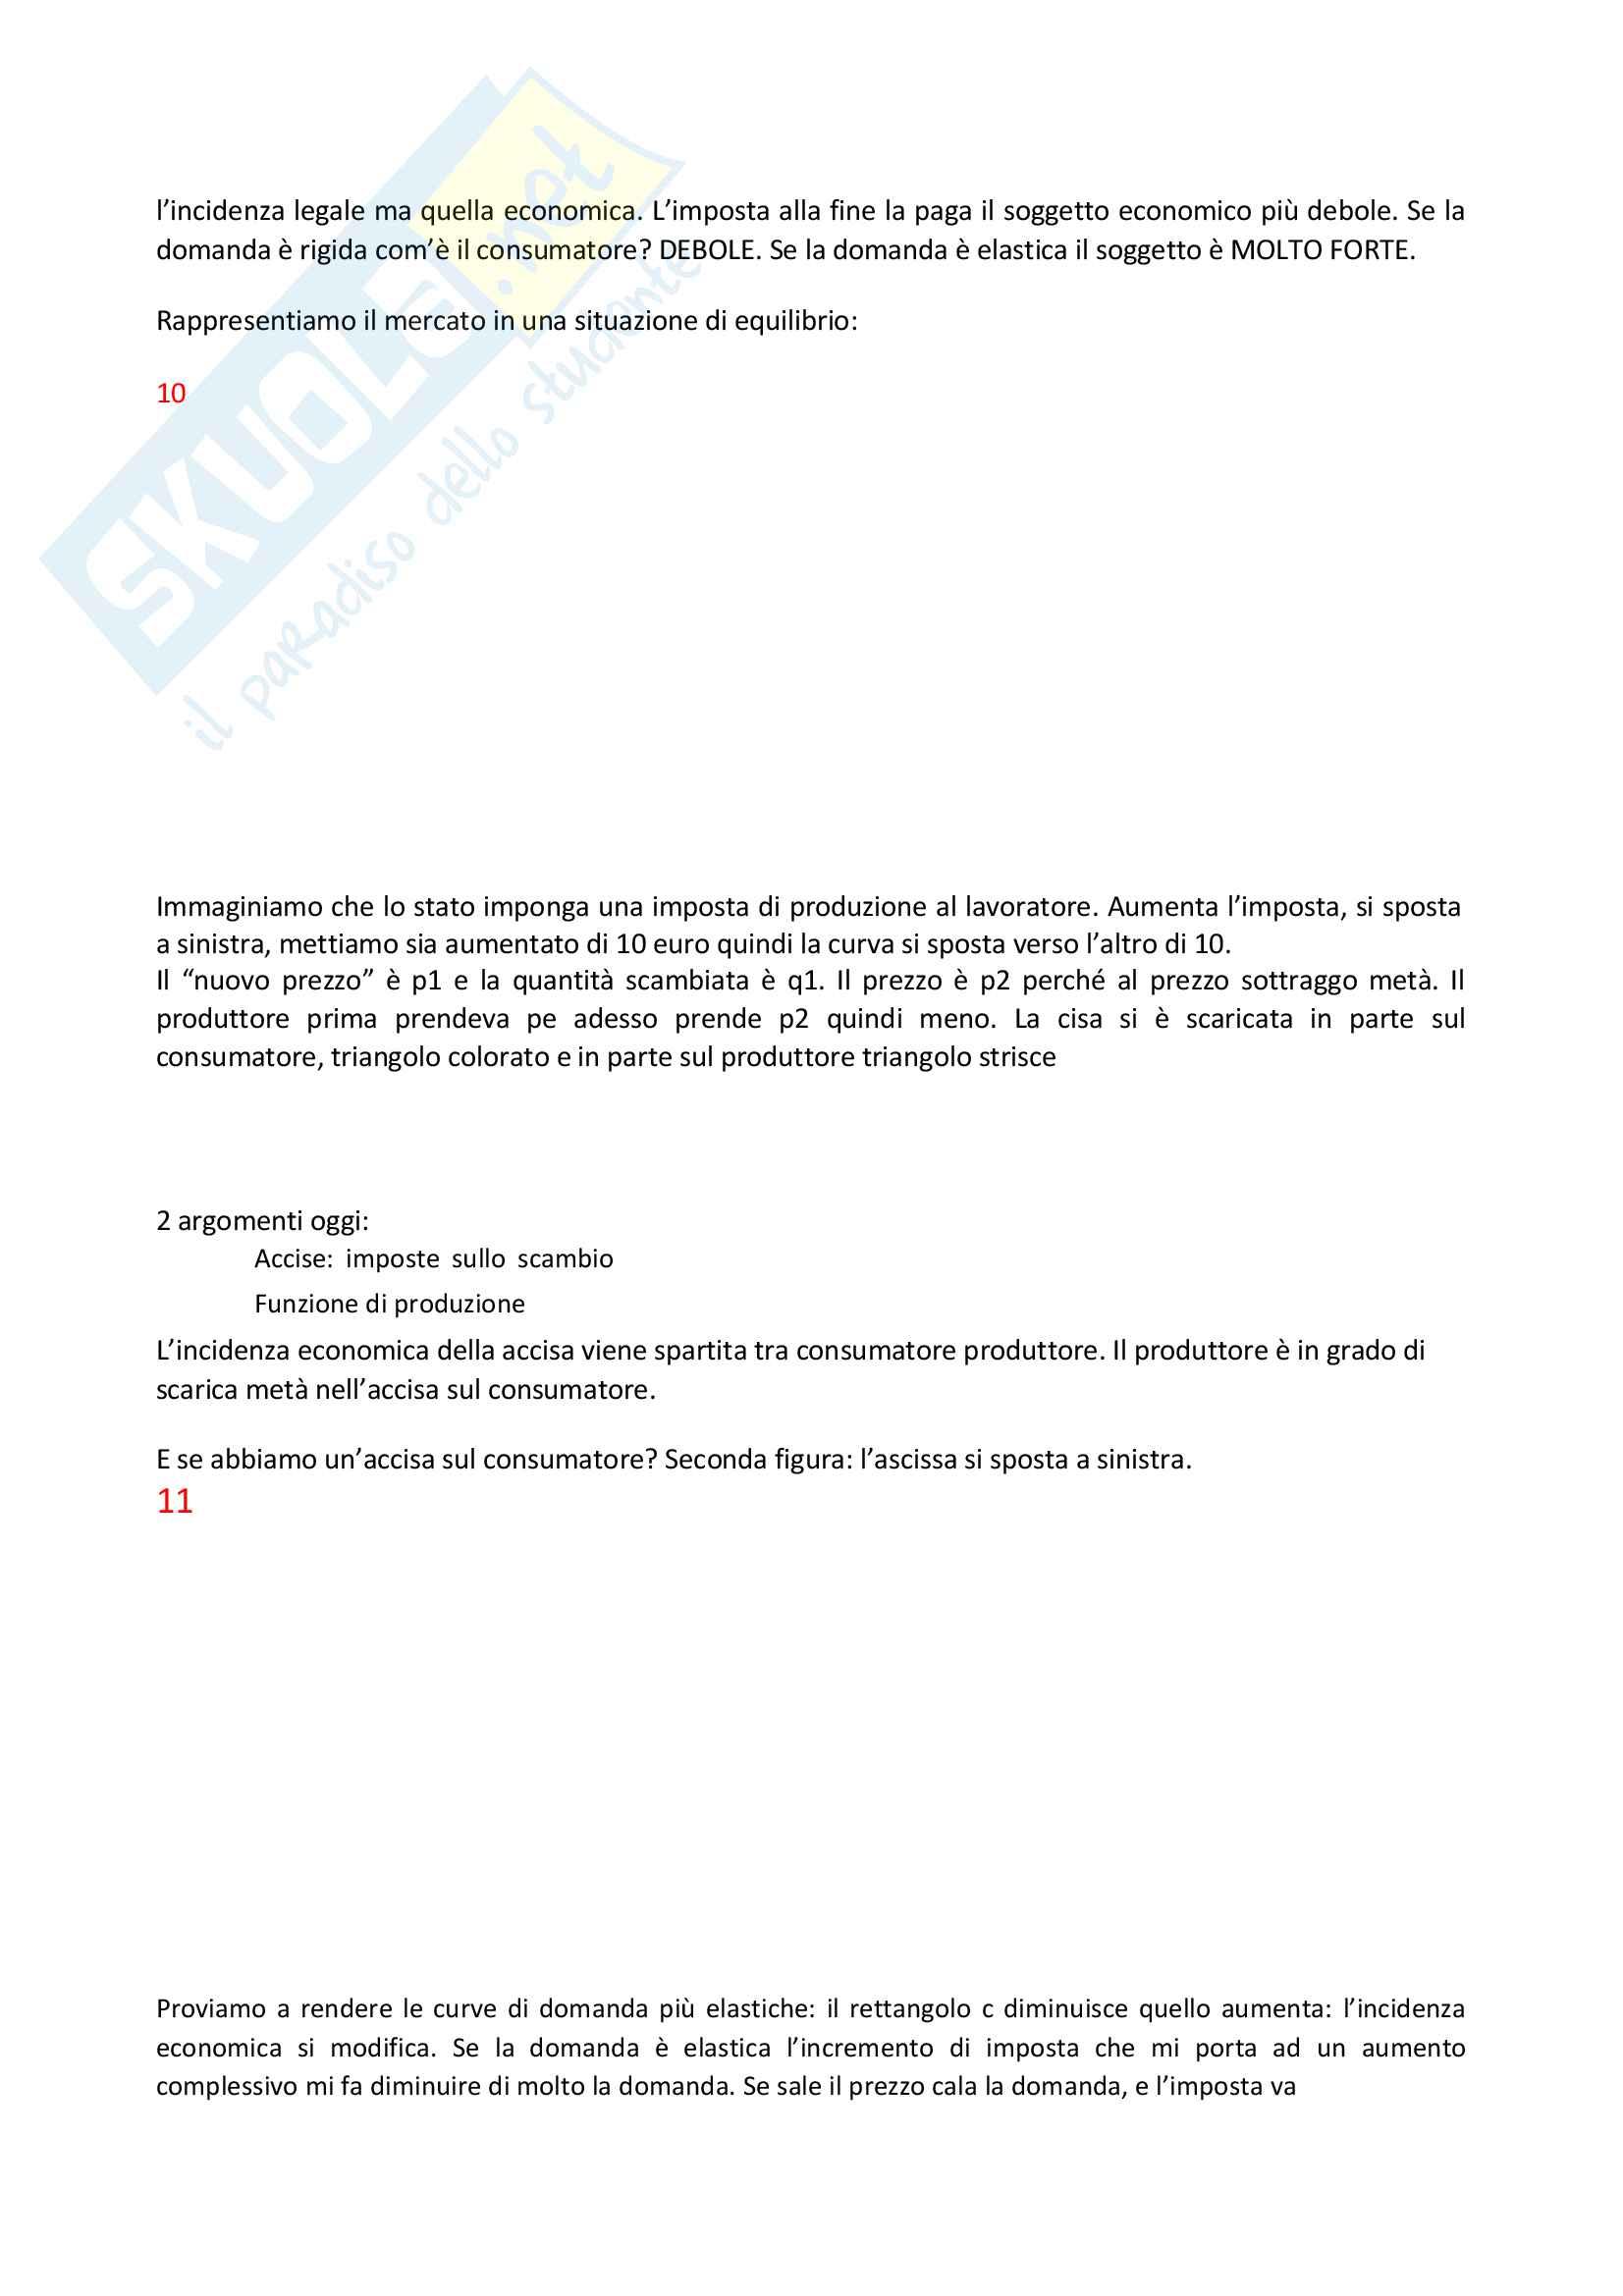 Appunti lezioni Economia Politica prof Goglio UNITN Trento corso A/L 2016 Pag. 21